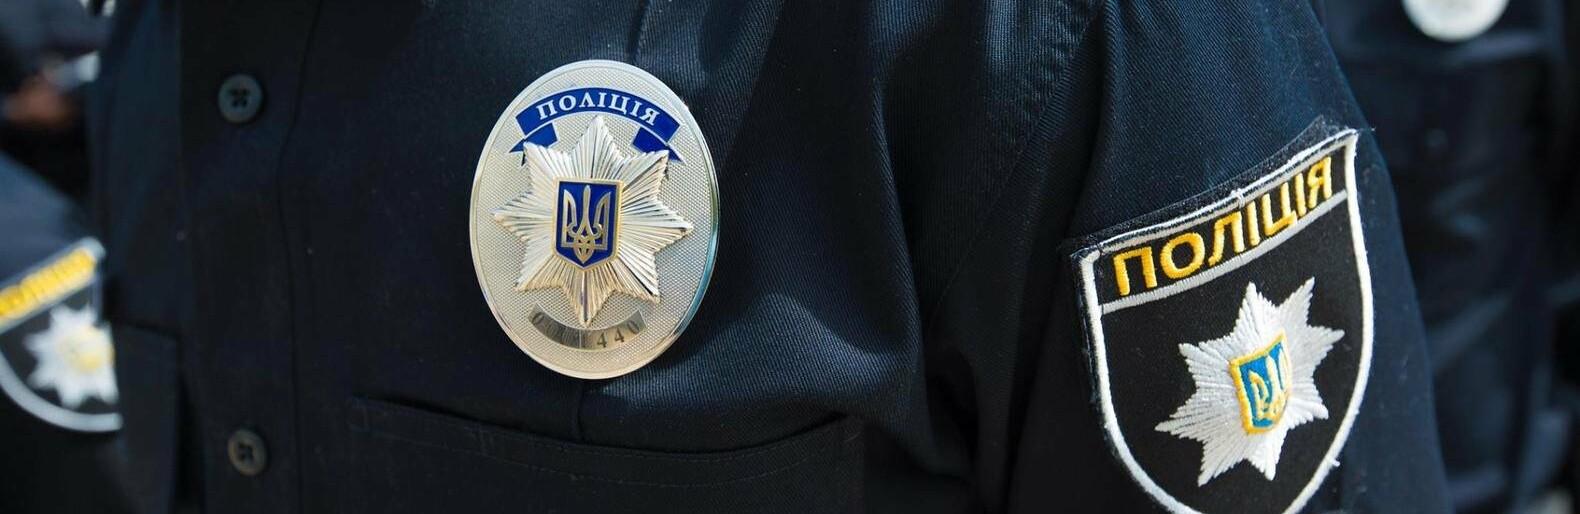 В Одесской области в ДТП пострадали 5 человек, - ФОТО0